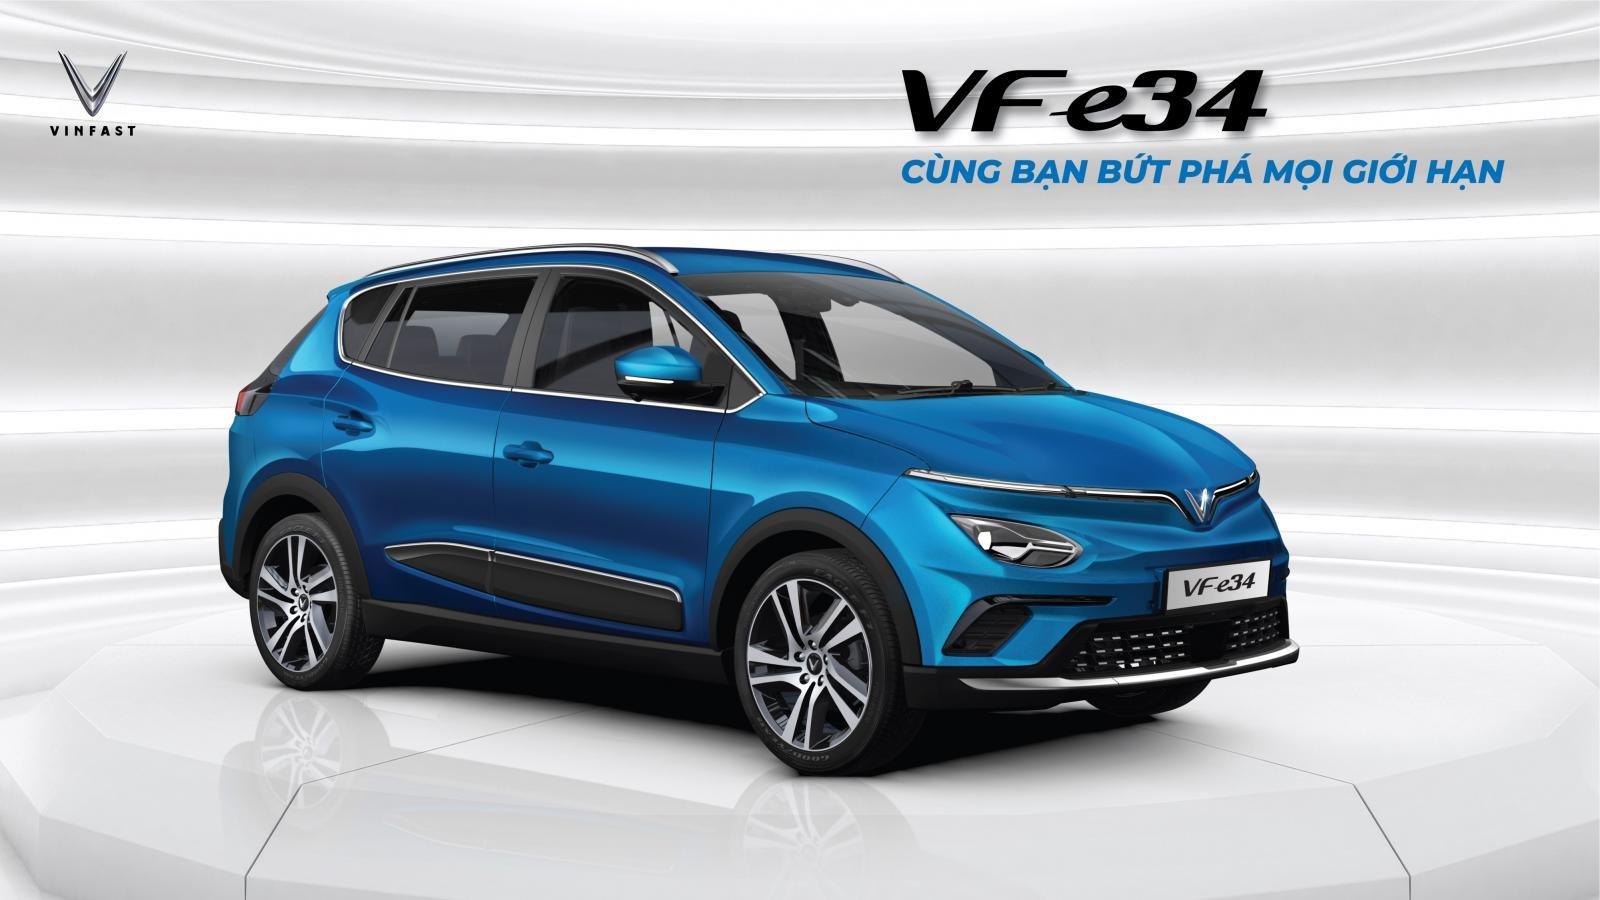 """mẫu xe điện đầu tiên của VinFast là VF e34 đã nhận được lượng đặt hàng """"khủng"""" 3.692 đơn."""